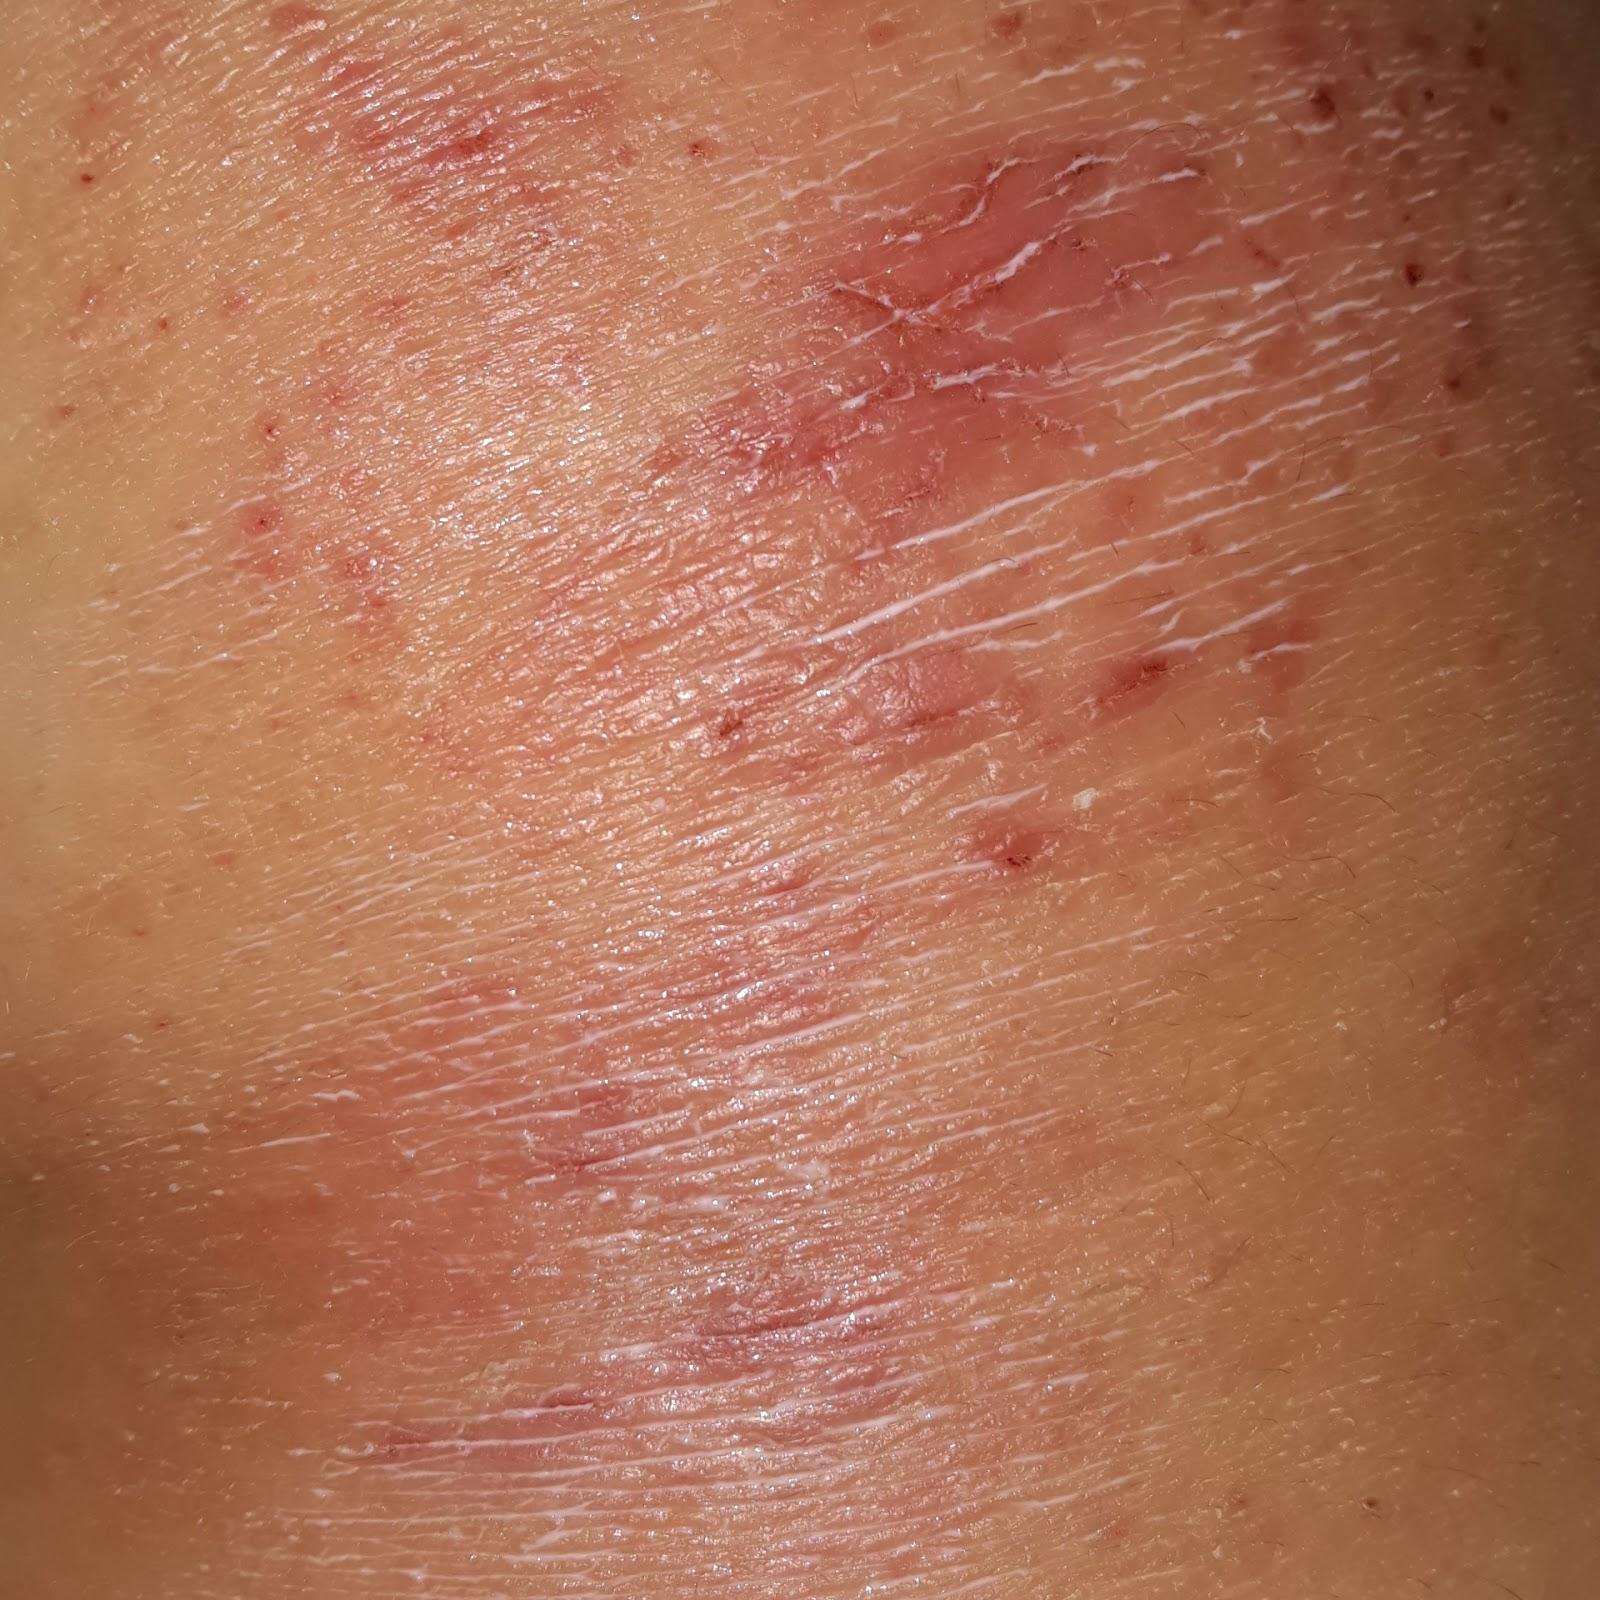 Атопический дерматит у взрослых в картинках